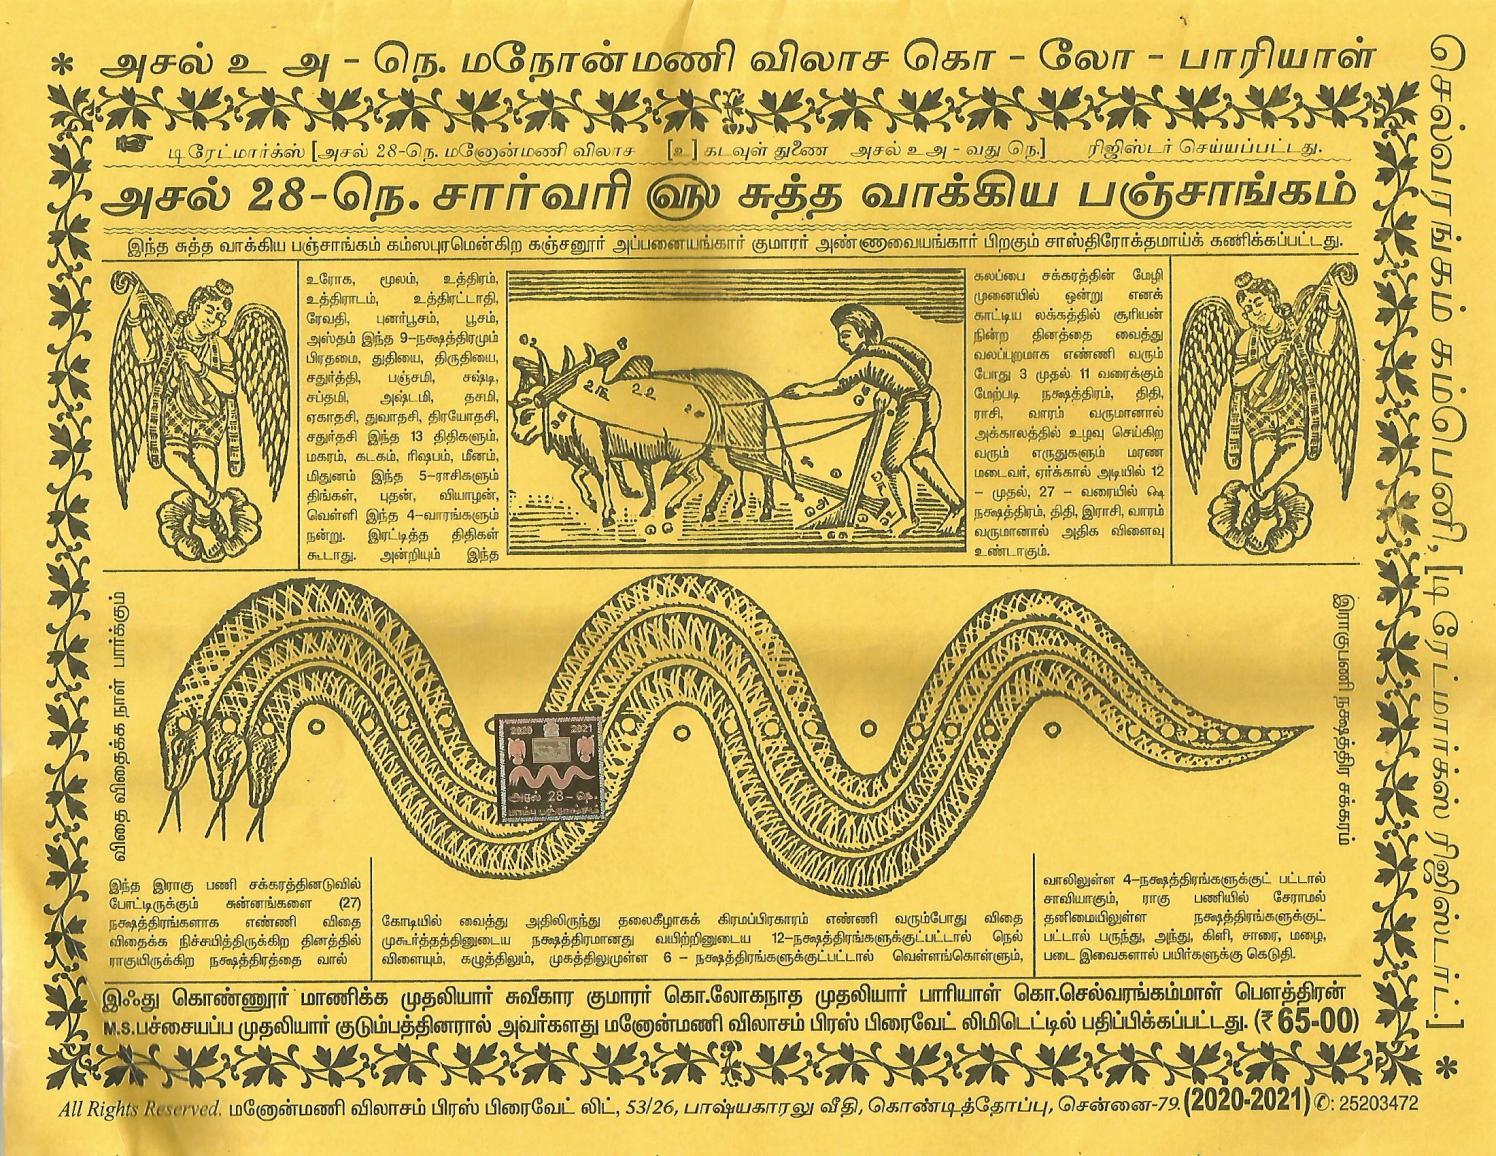 Saarvari Varusha Tamil Pambu Panchangam 2020 21 By Sivakumar Ramachandran Issuu